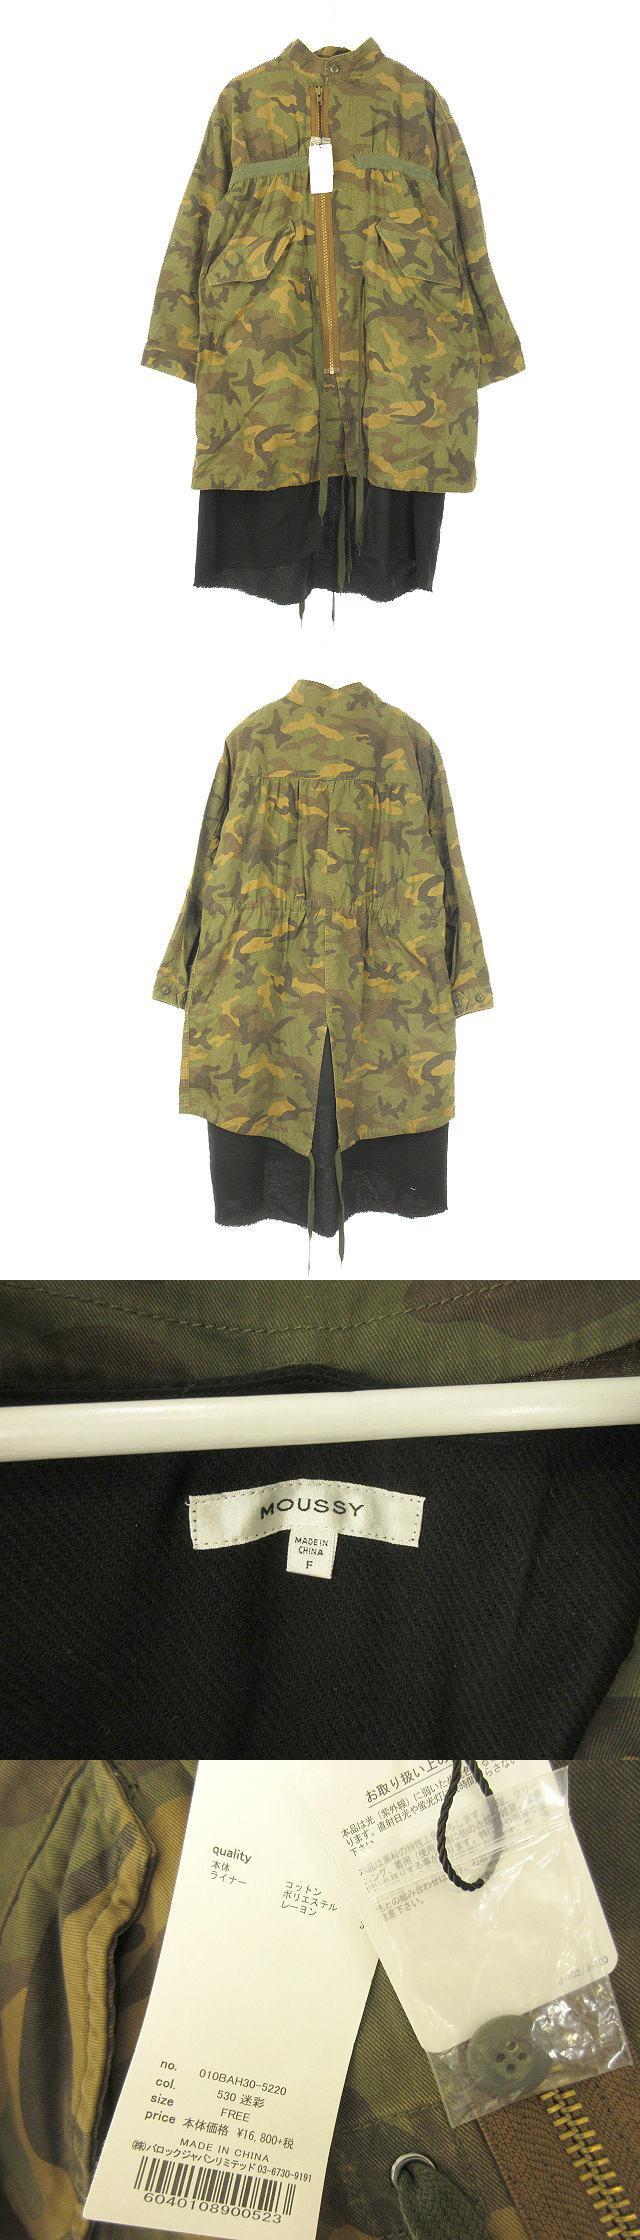 LINERREMAKEM65JACKET ライナー付ミリタリージャケット コート FREE フリー カーキ ブラウン 迷彩柄 カモフラ アウター